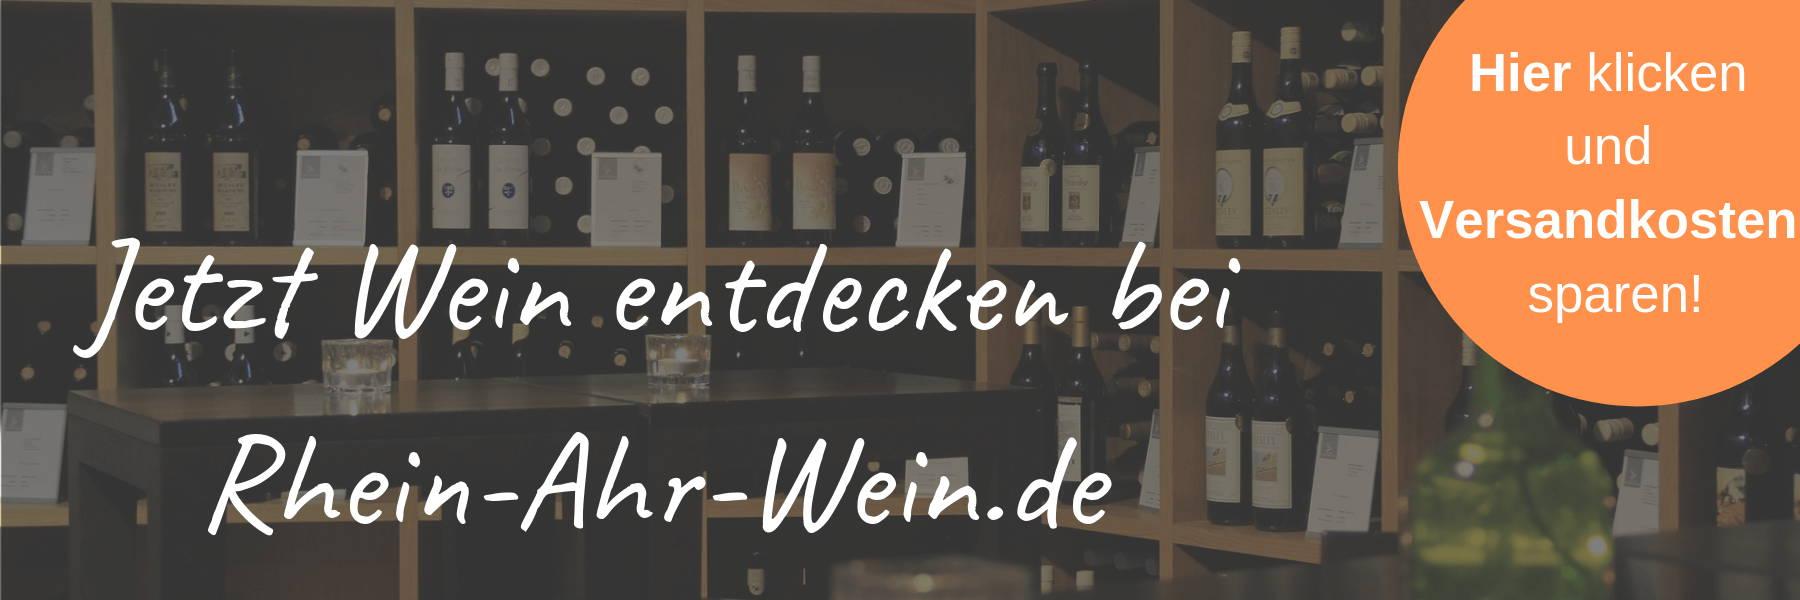 Wein Inhaltsstoffe Was Ist Alles Drin Rhein Ahr Weinde